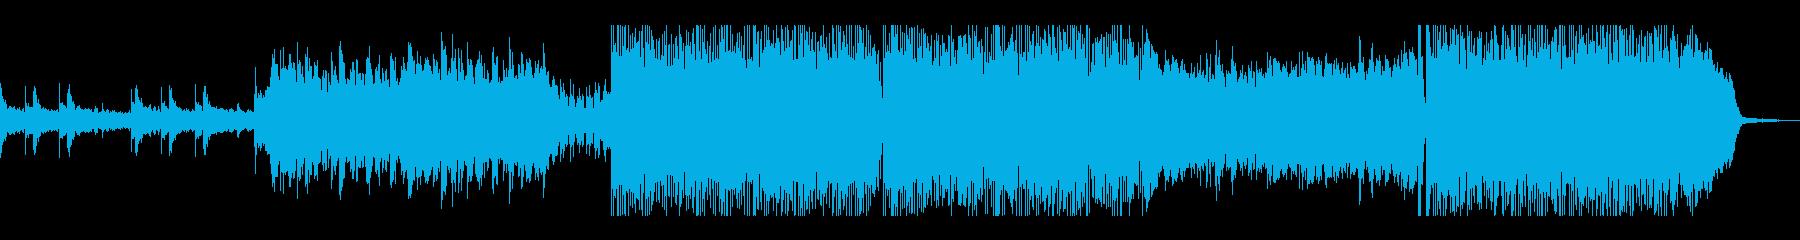 タイムリミットが迫る、緊迫の劇伴風BGMの再生済みの波形